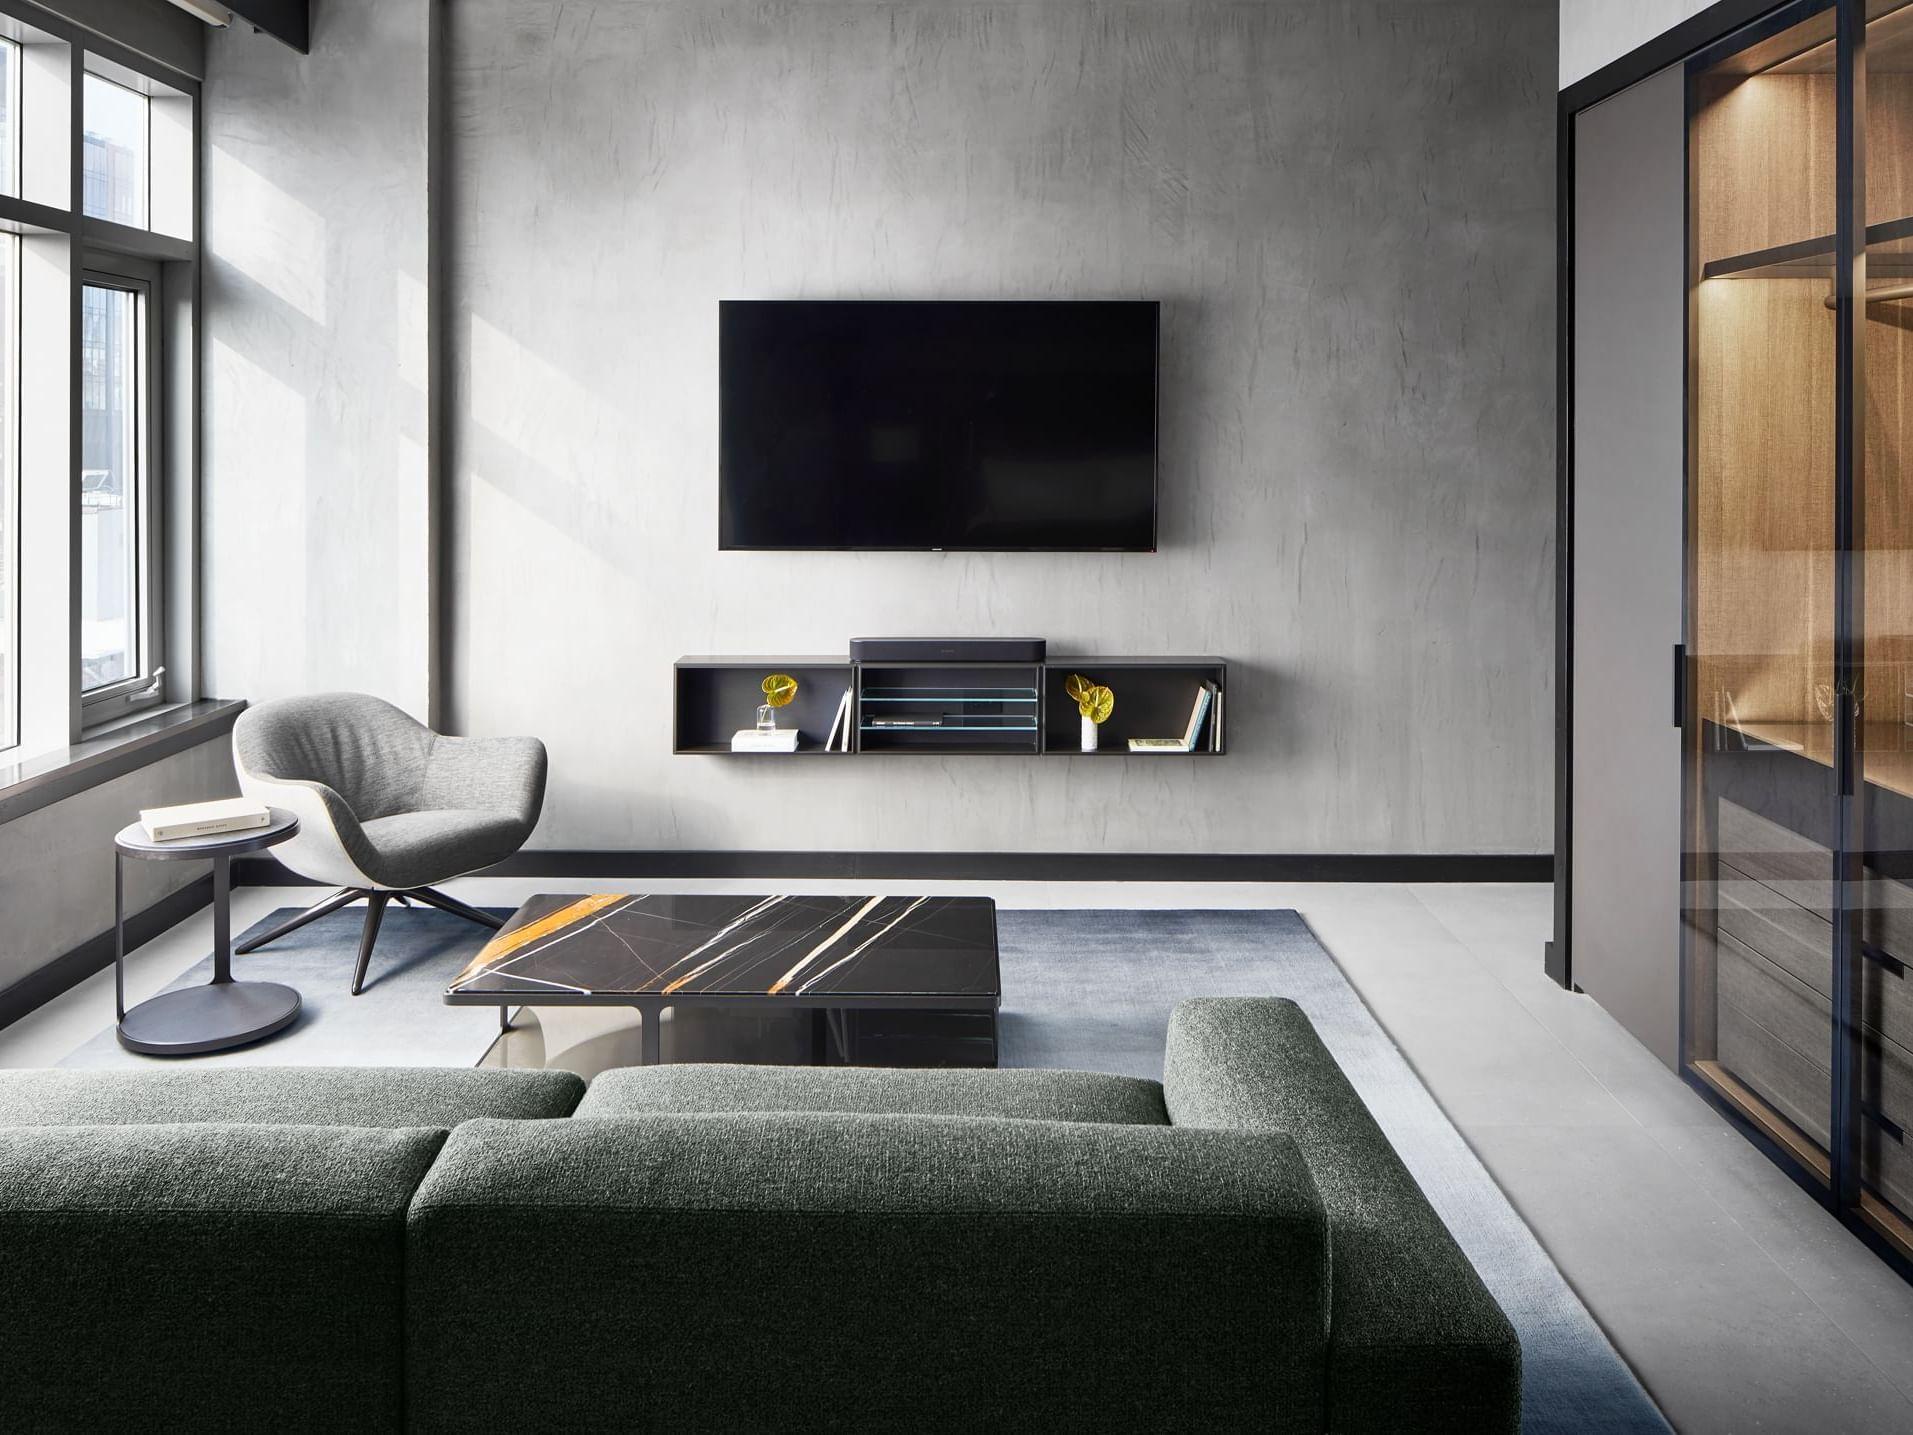 Poliform Penthouse Master Bedroom Living Room